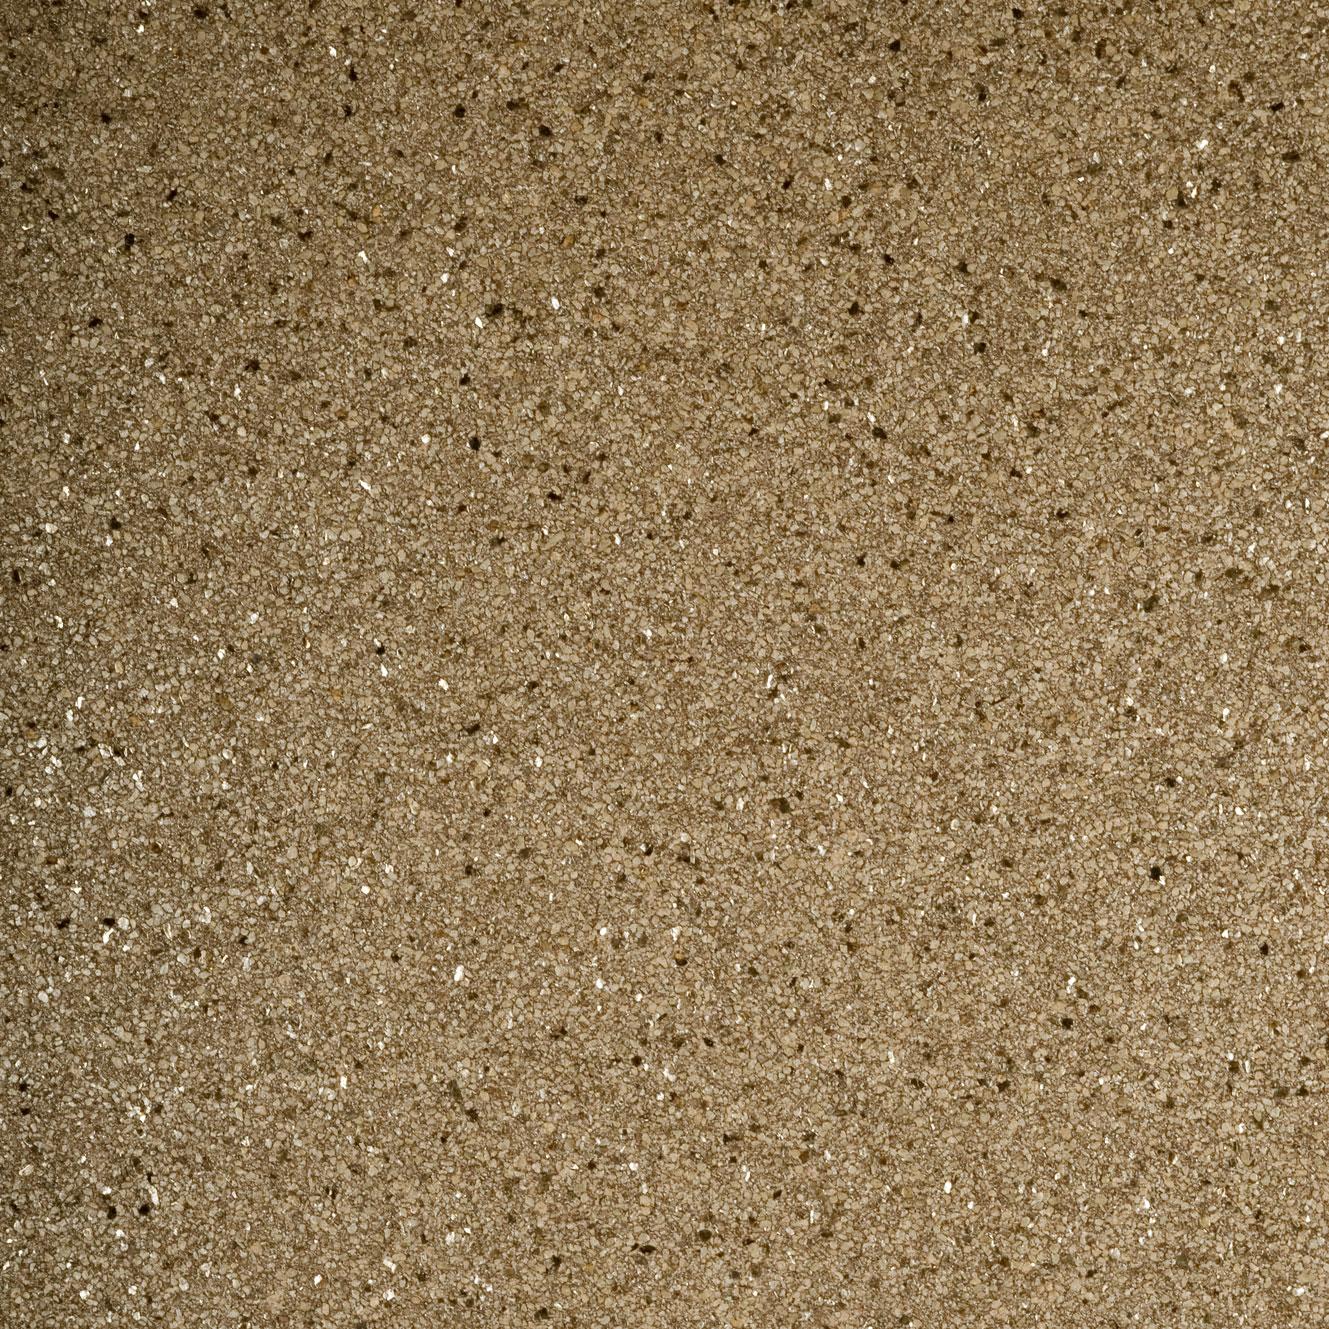 omexco mca stein tapeten echte mineraltapeten online kaufen. Black Bedroom Furniture Sets. Home Design Ideas